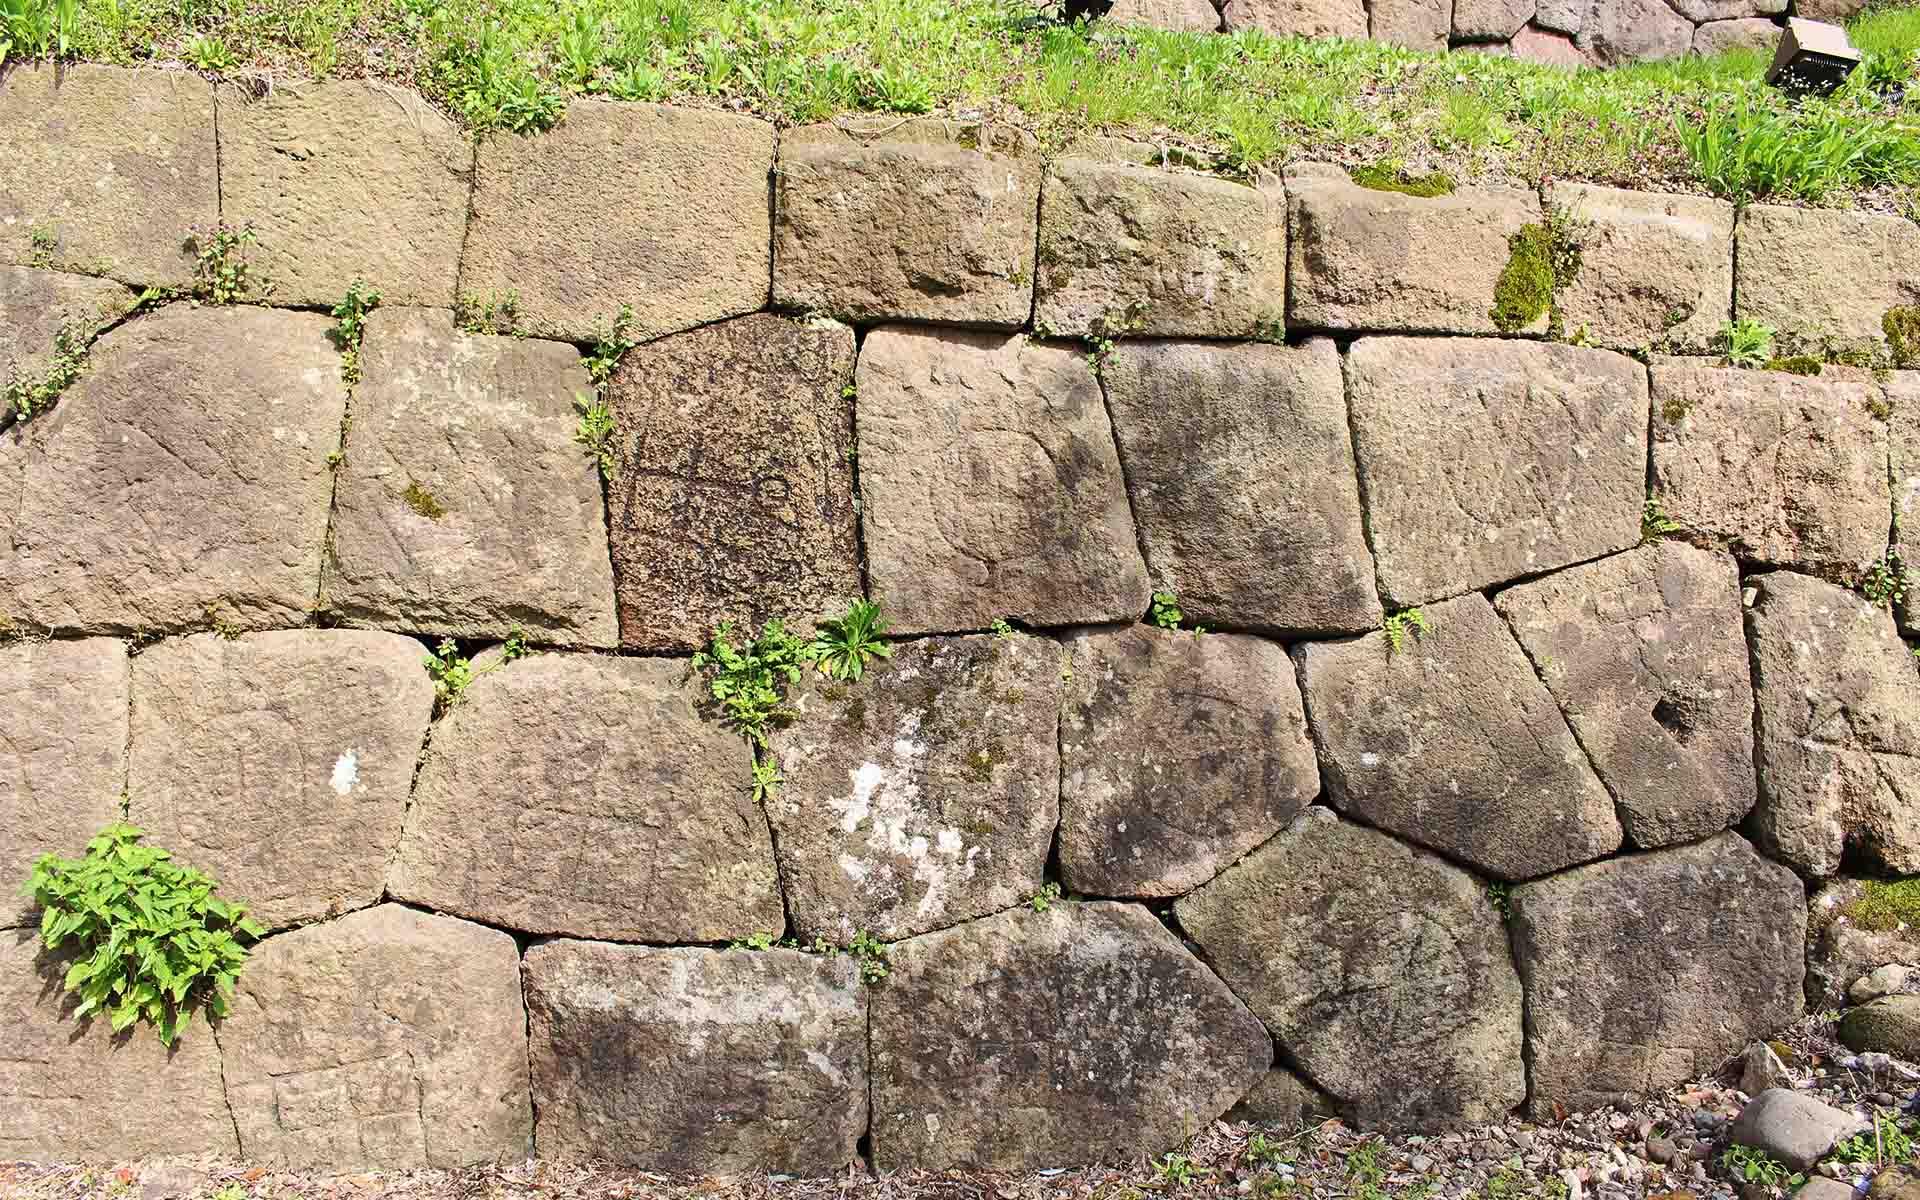 刻印のある石も多く使われており、200種類以上あるという。刻印のある石ばかりを並べたところもあり、模様のようにも見える